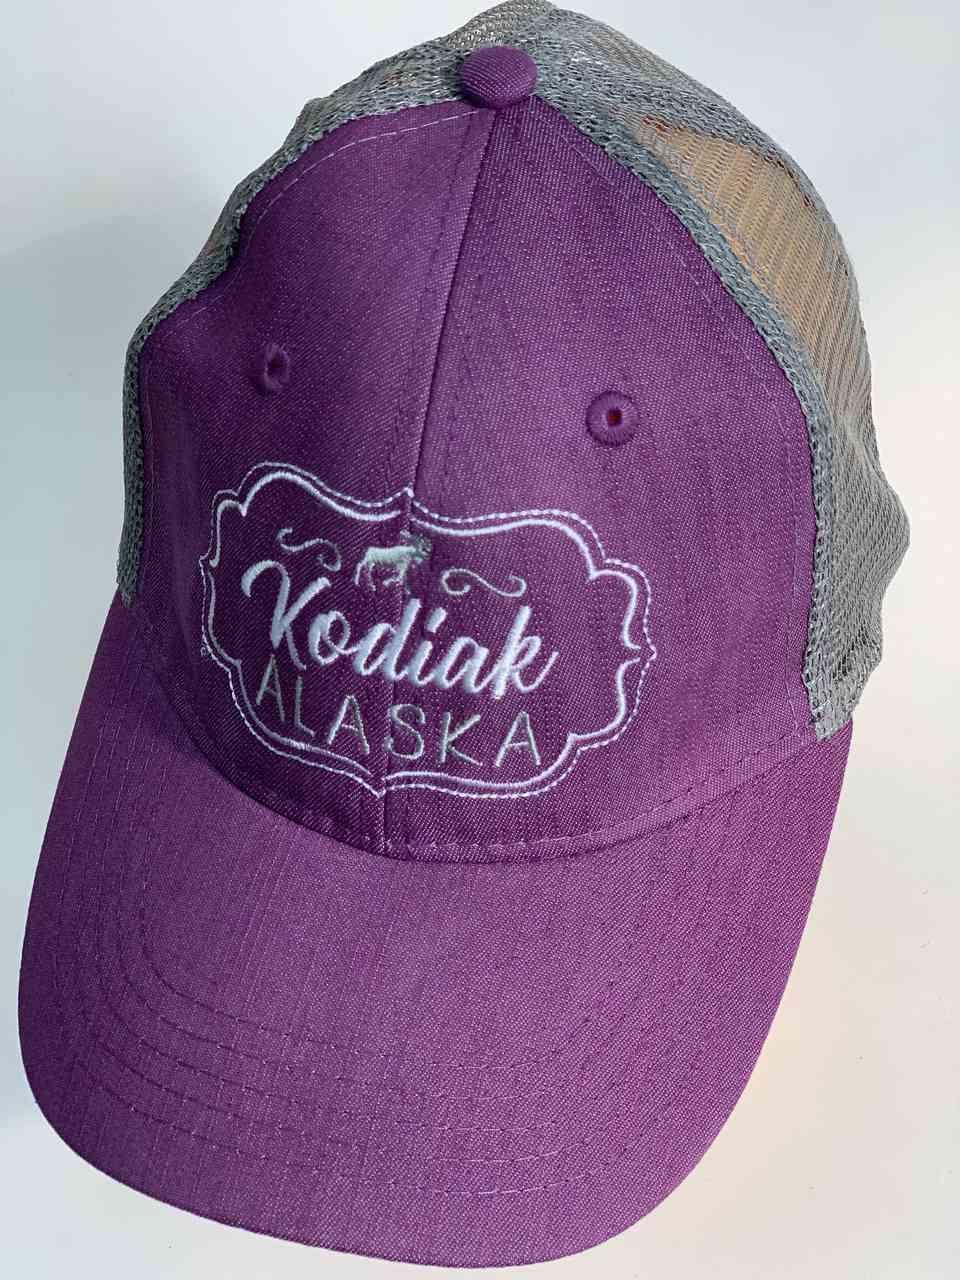 Сиреневая бейсболка с сеткой Kodiak Alaska